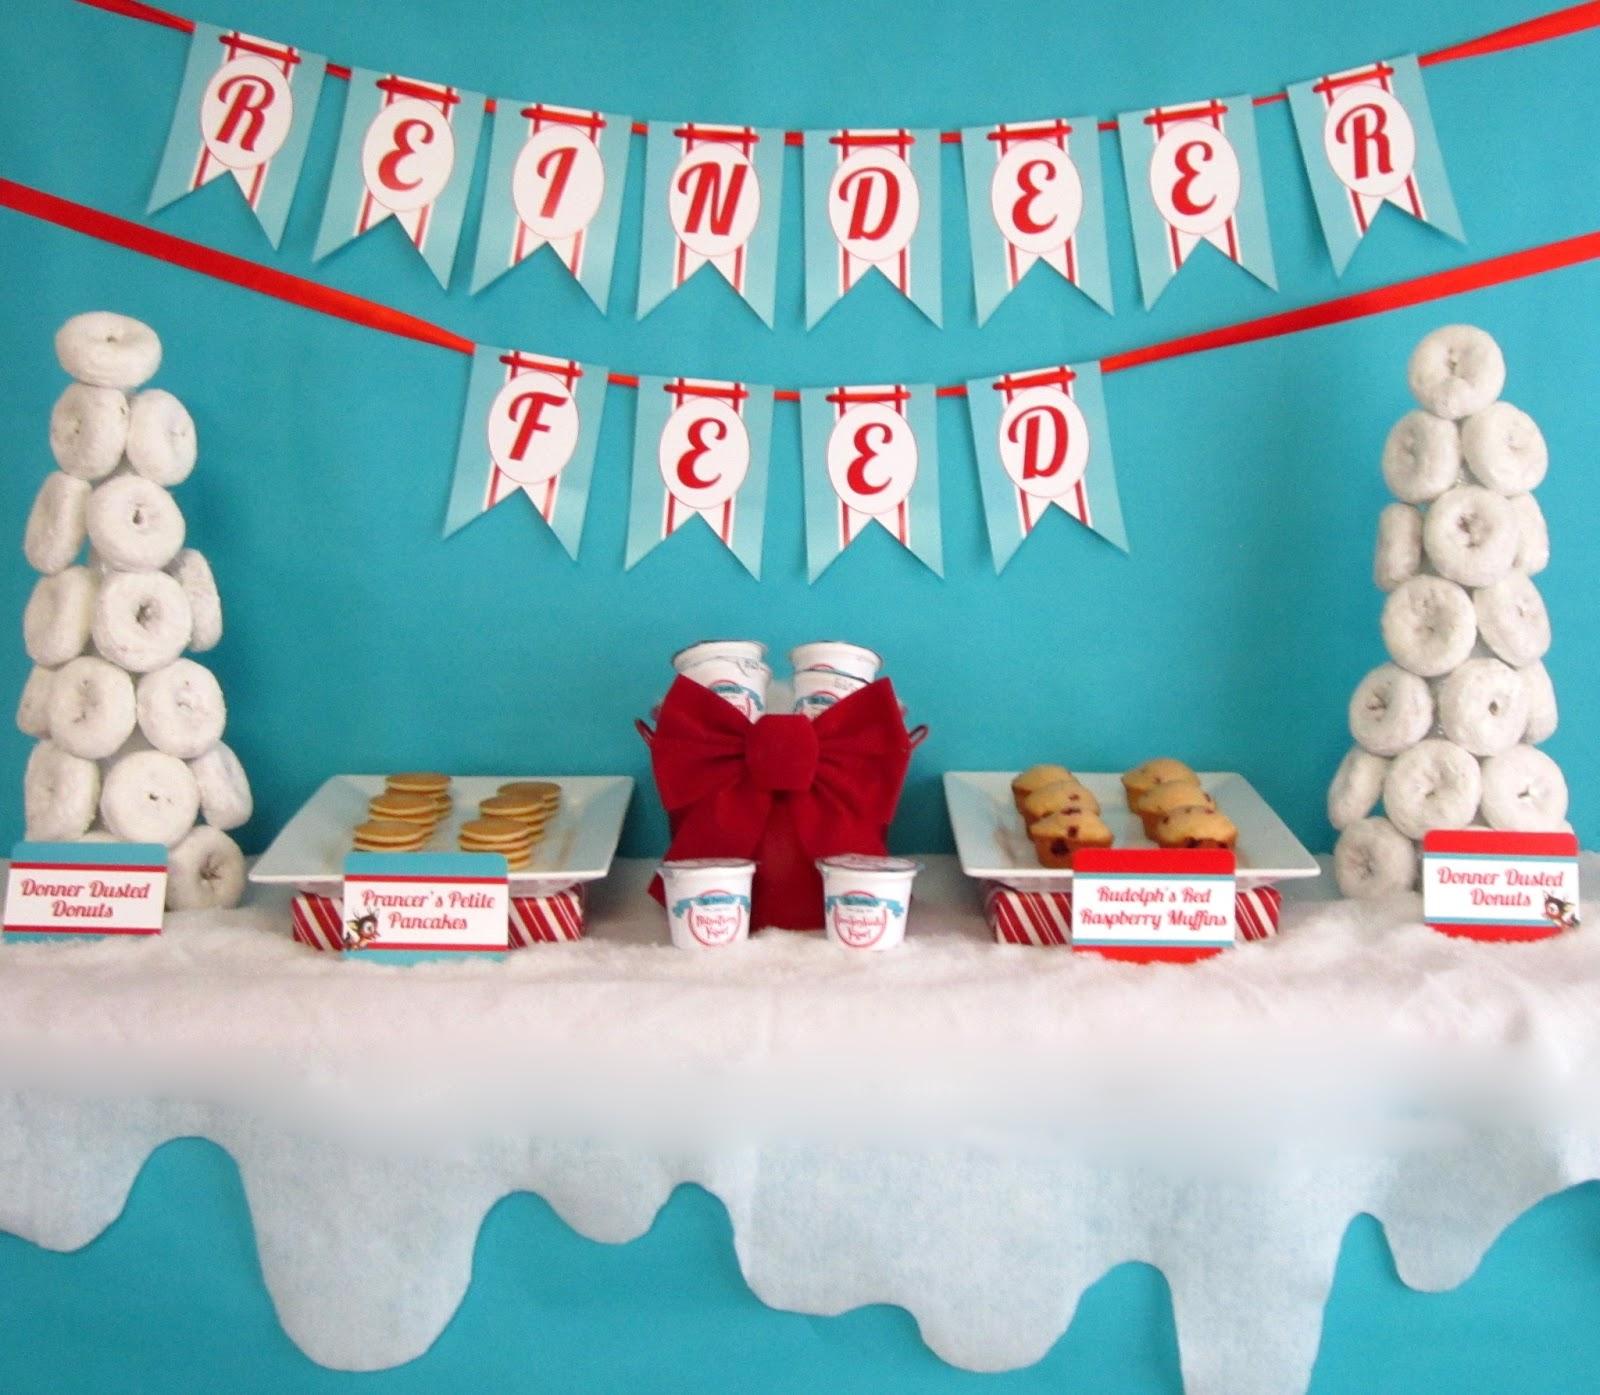 sweeten your day events reindeer games christmas breakfast